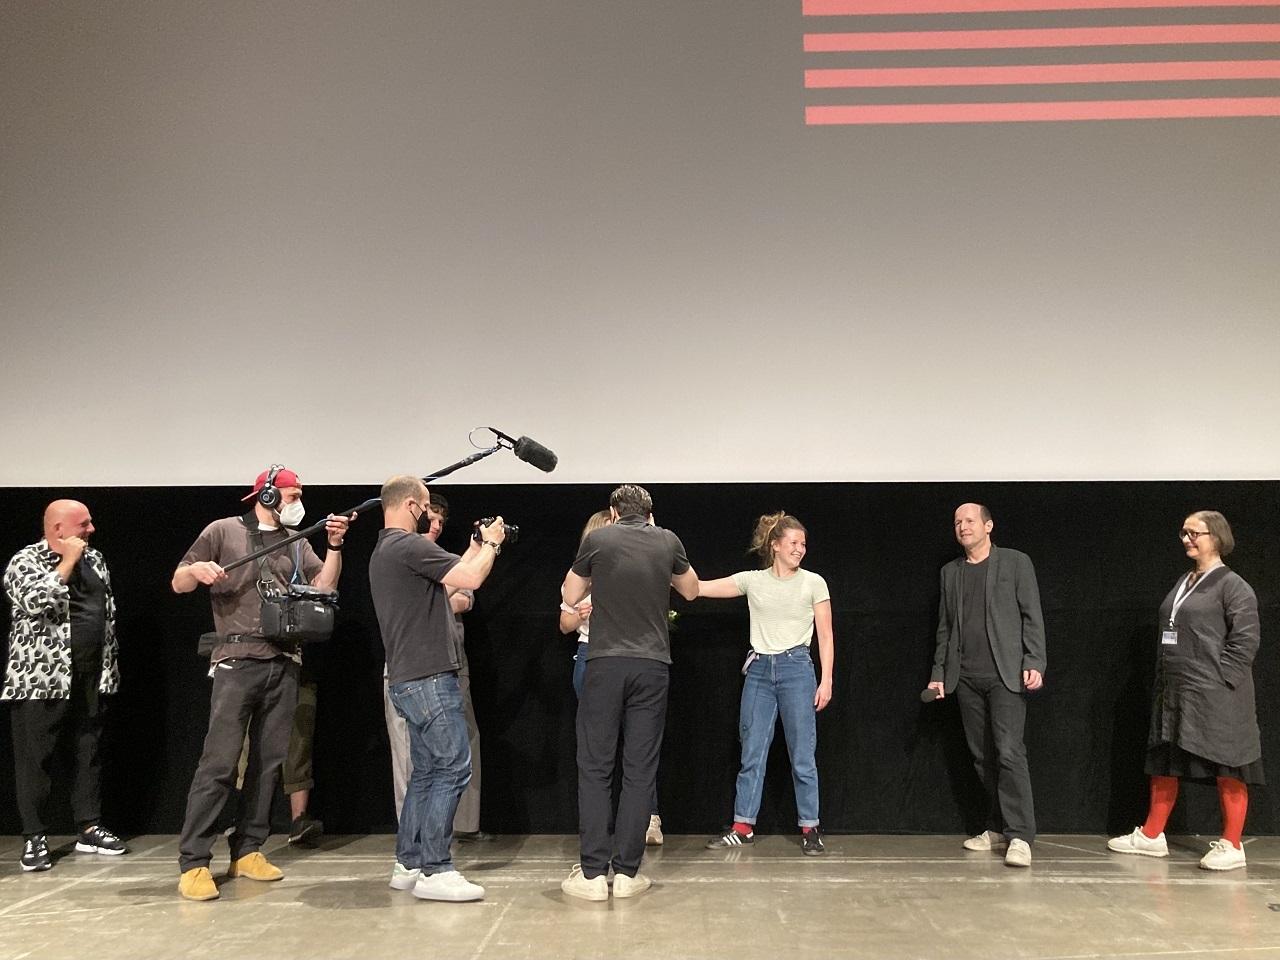 Sebastian Brauneis mit Team überraschen eine Schauspielerin auf der Diagonale 2021 mit einem Preis.